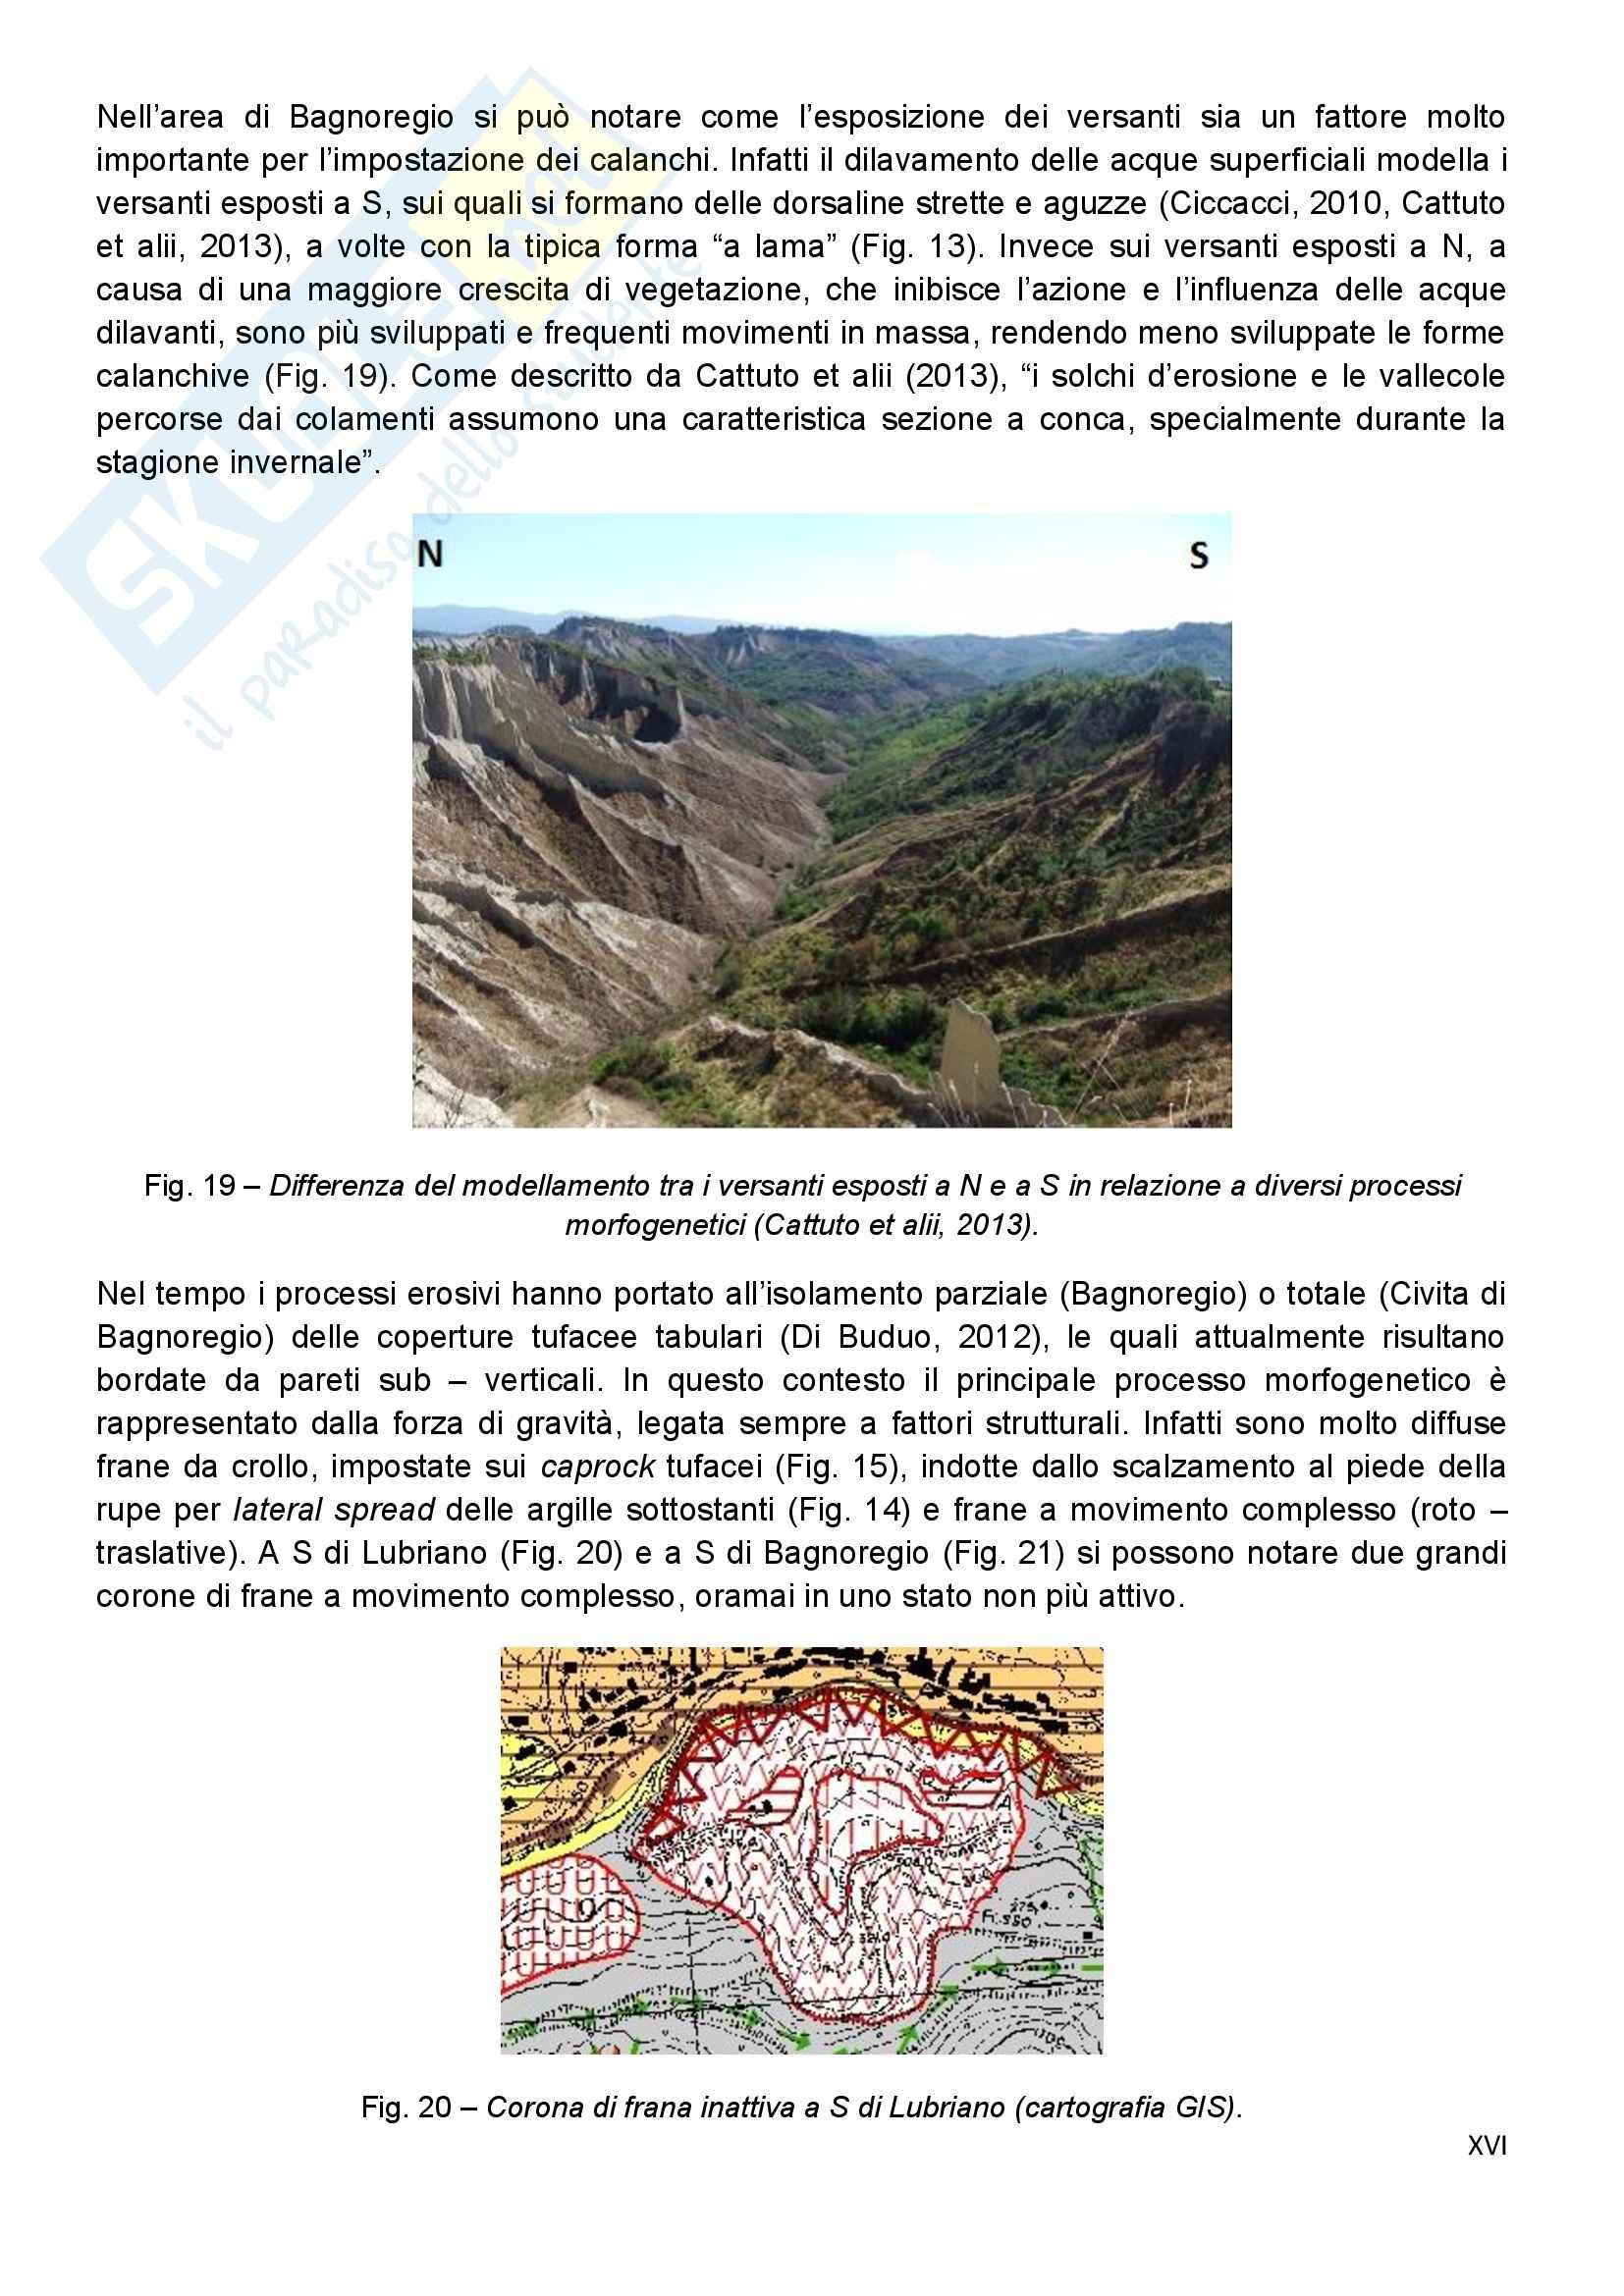 Gemorfologia , Relazione Civita di Bagnoregio (VT) - Tesi Pag. 16